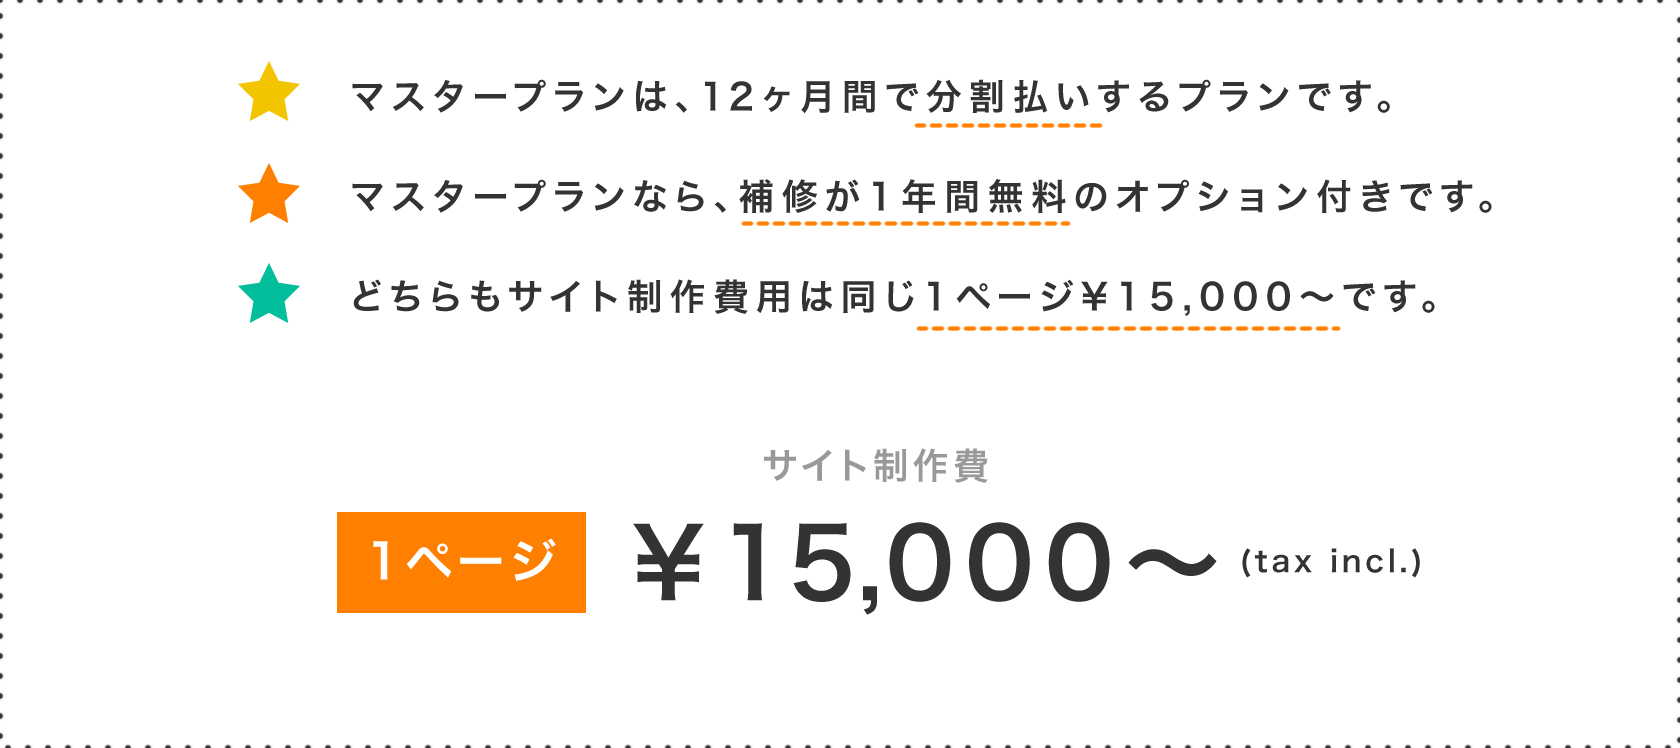 マスタープランは、12ヶ月間で分割払いするプランです。マスタープランなら、補修が1年間無料のオプション付きです。どちらもサイト制作費用は同じ1ページ¥15,000〜です。